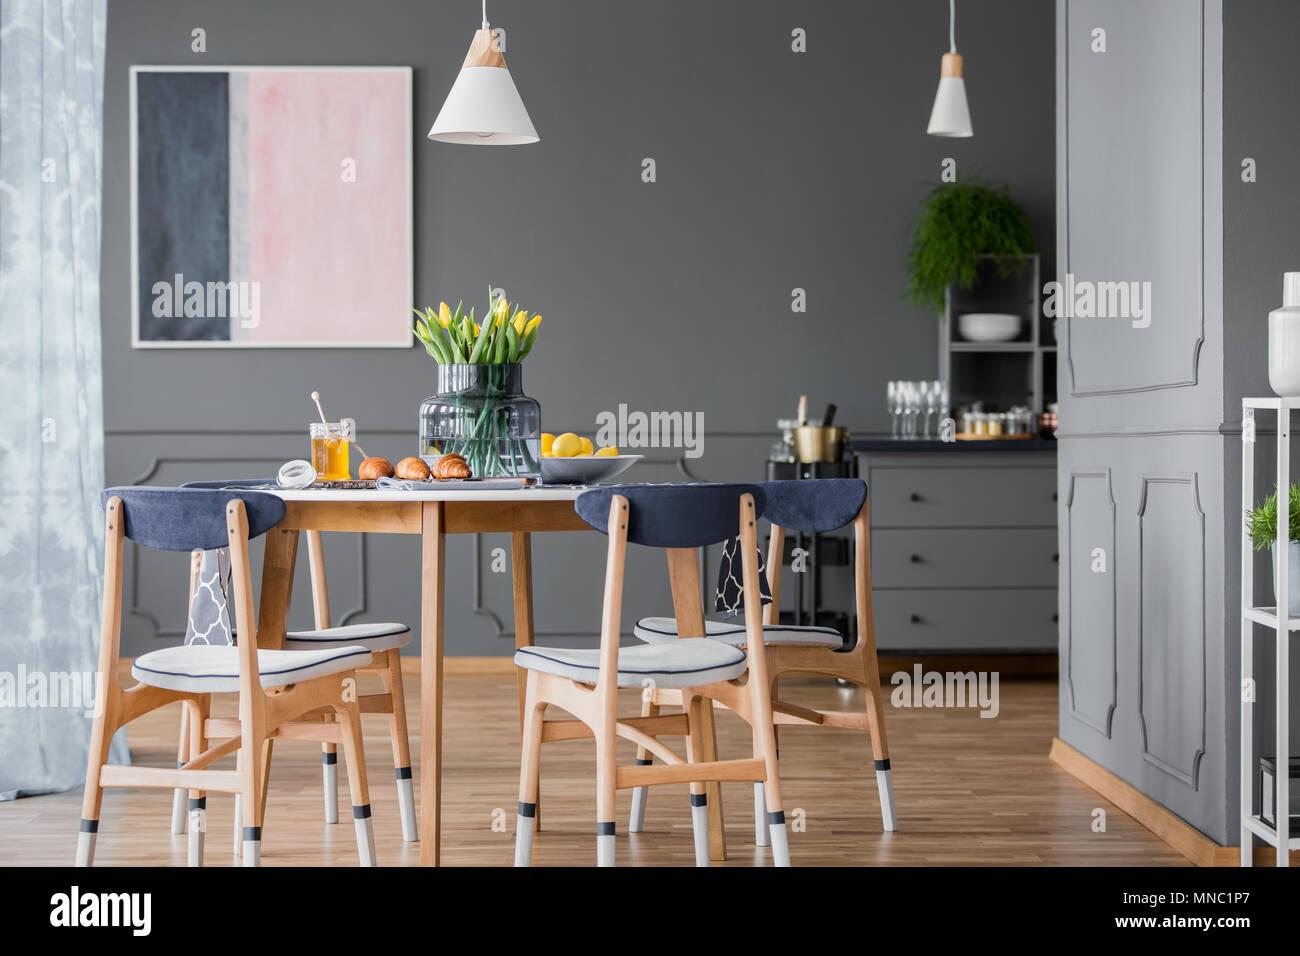 Grau Esszimmer Interieur Mit Rosa Und Blau Malerei Holz Tisch Und